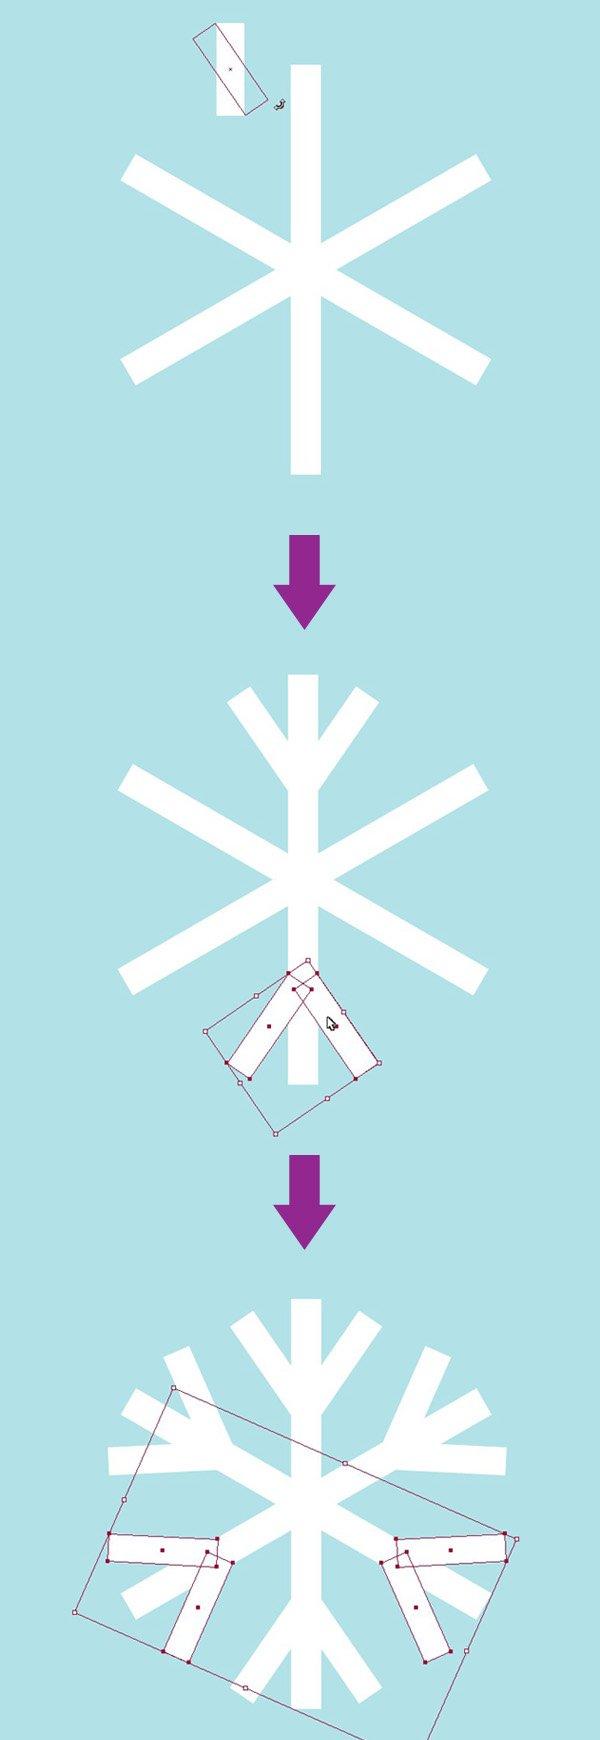 34_winter_pattern_scarf